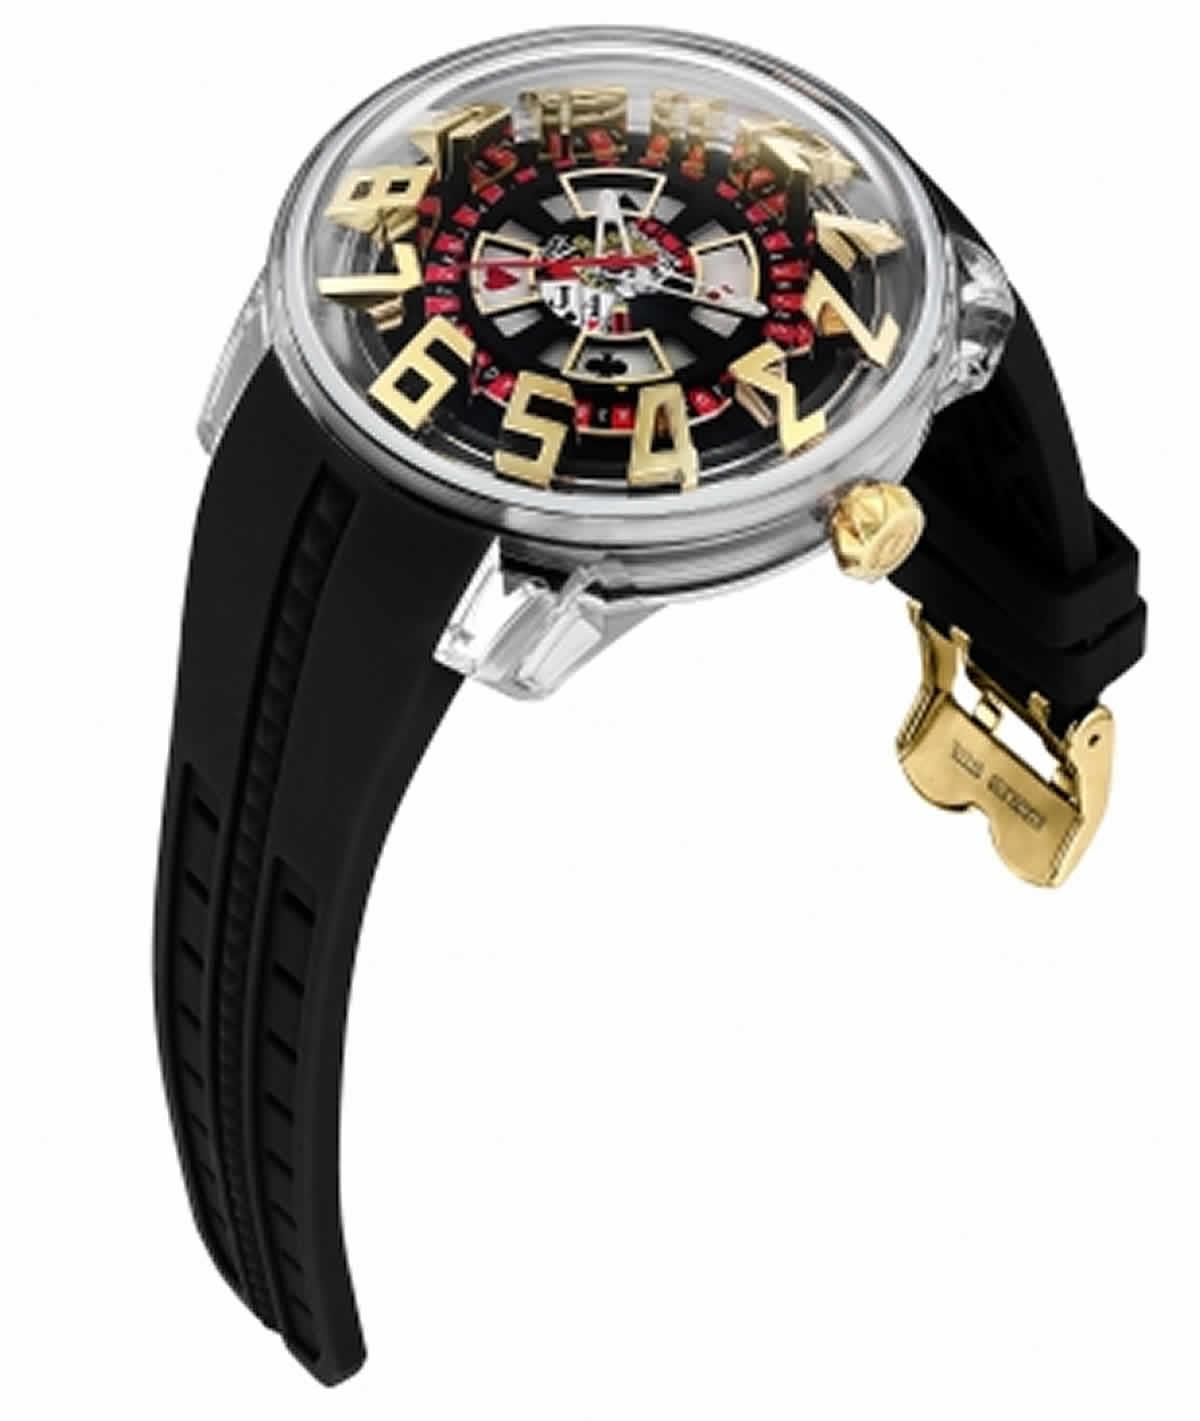 テンデンス腕時計 キングドーム